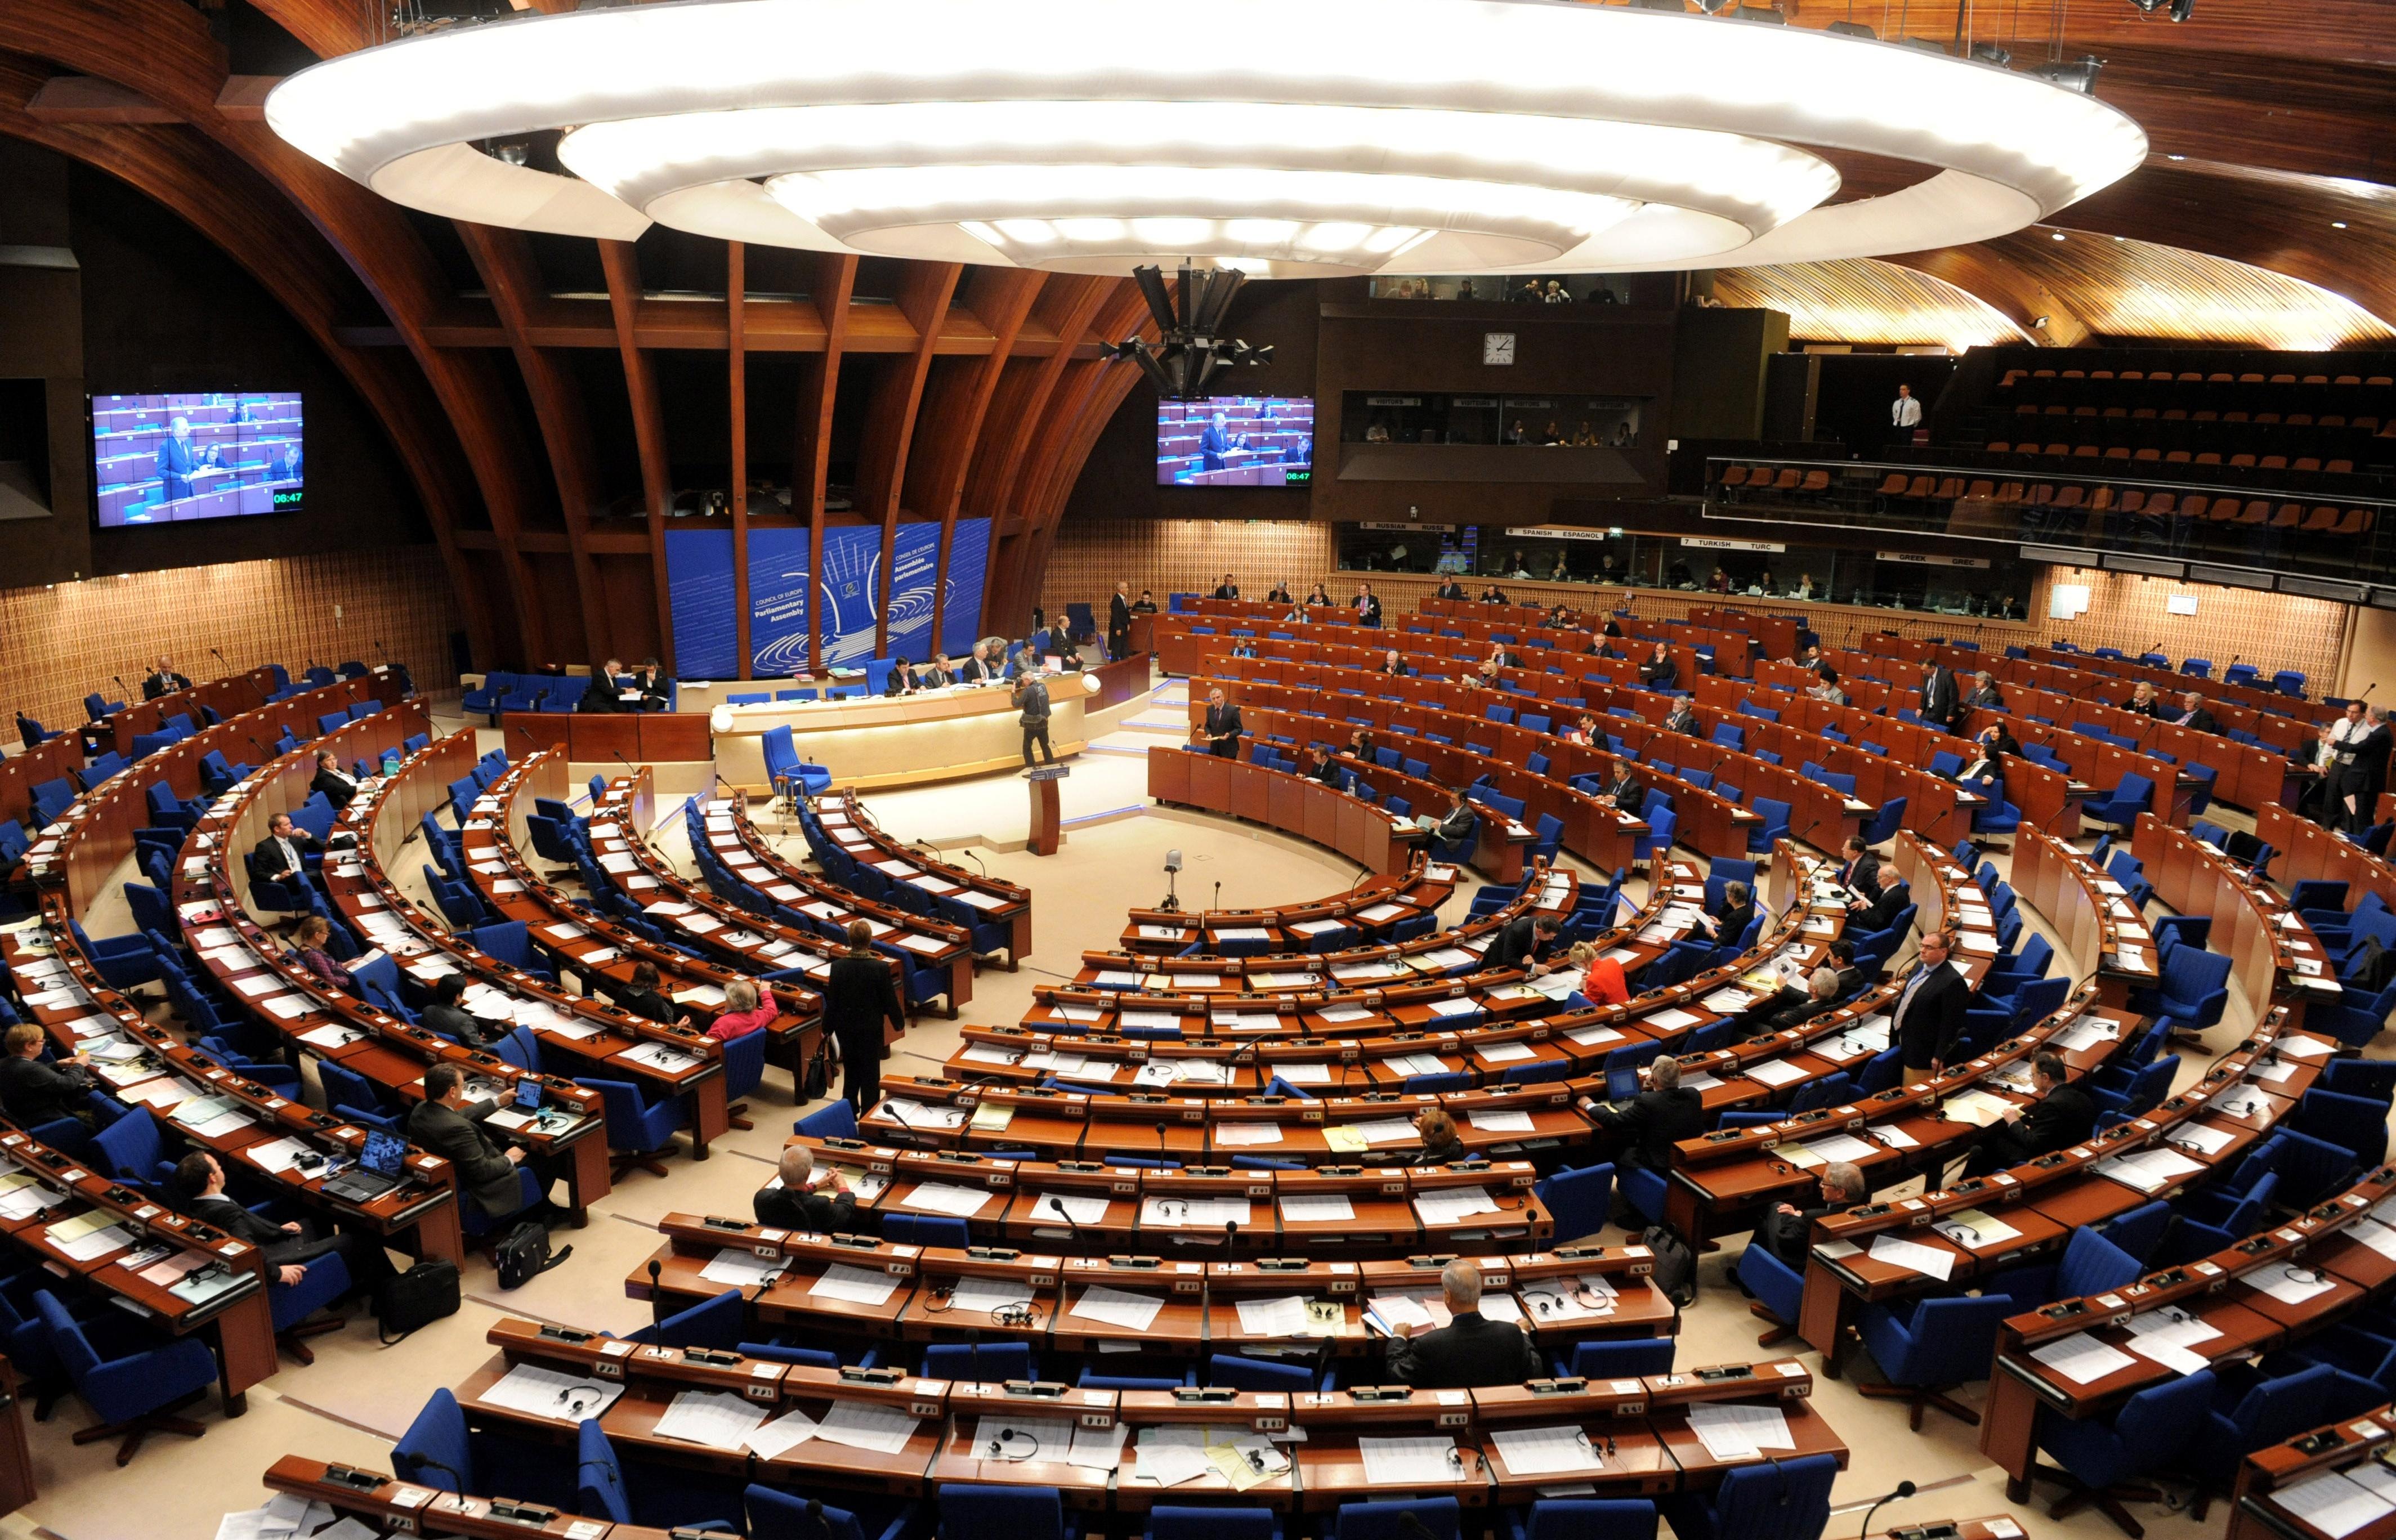 Члены совета европы 2 фотография